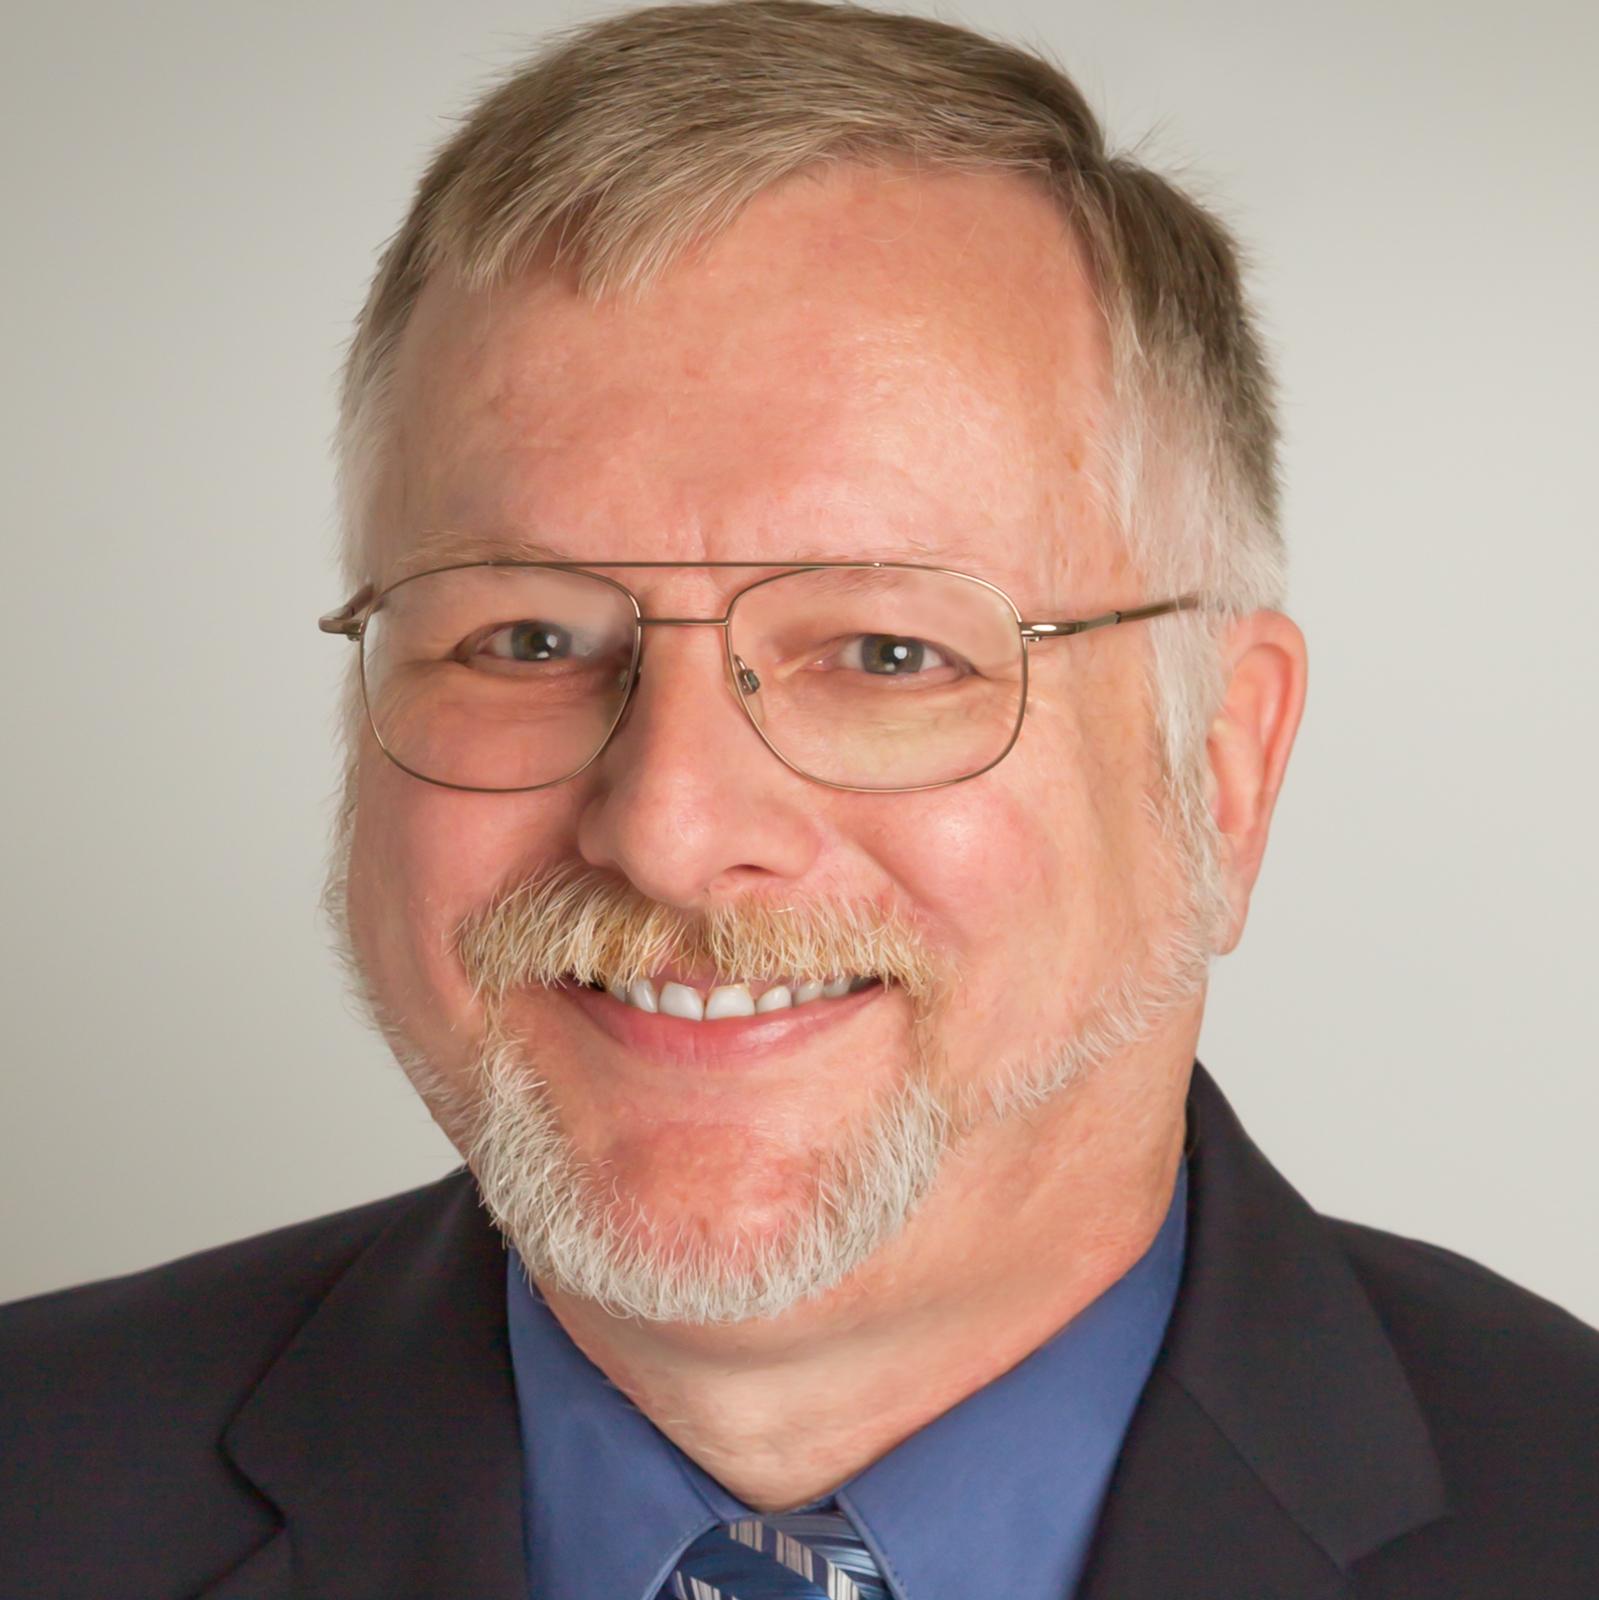 Visit Profile of Drew Smith